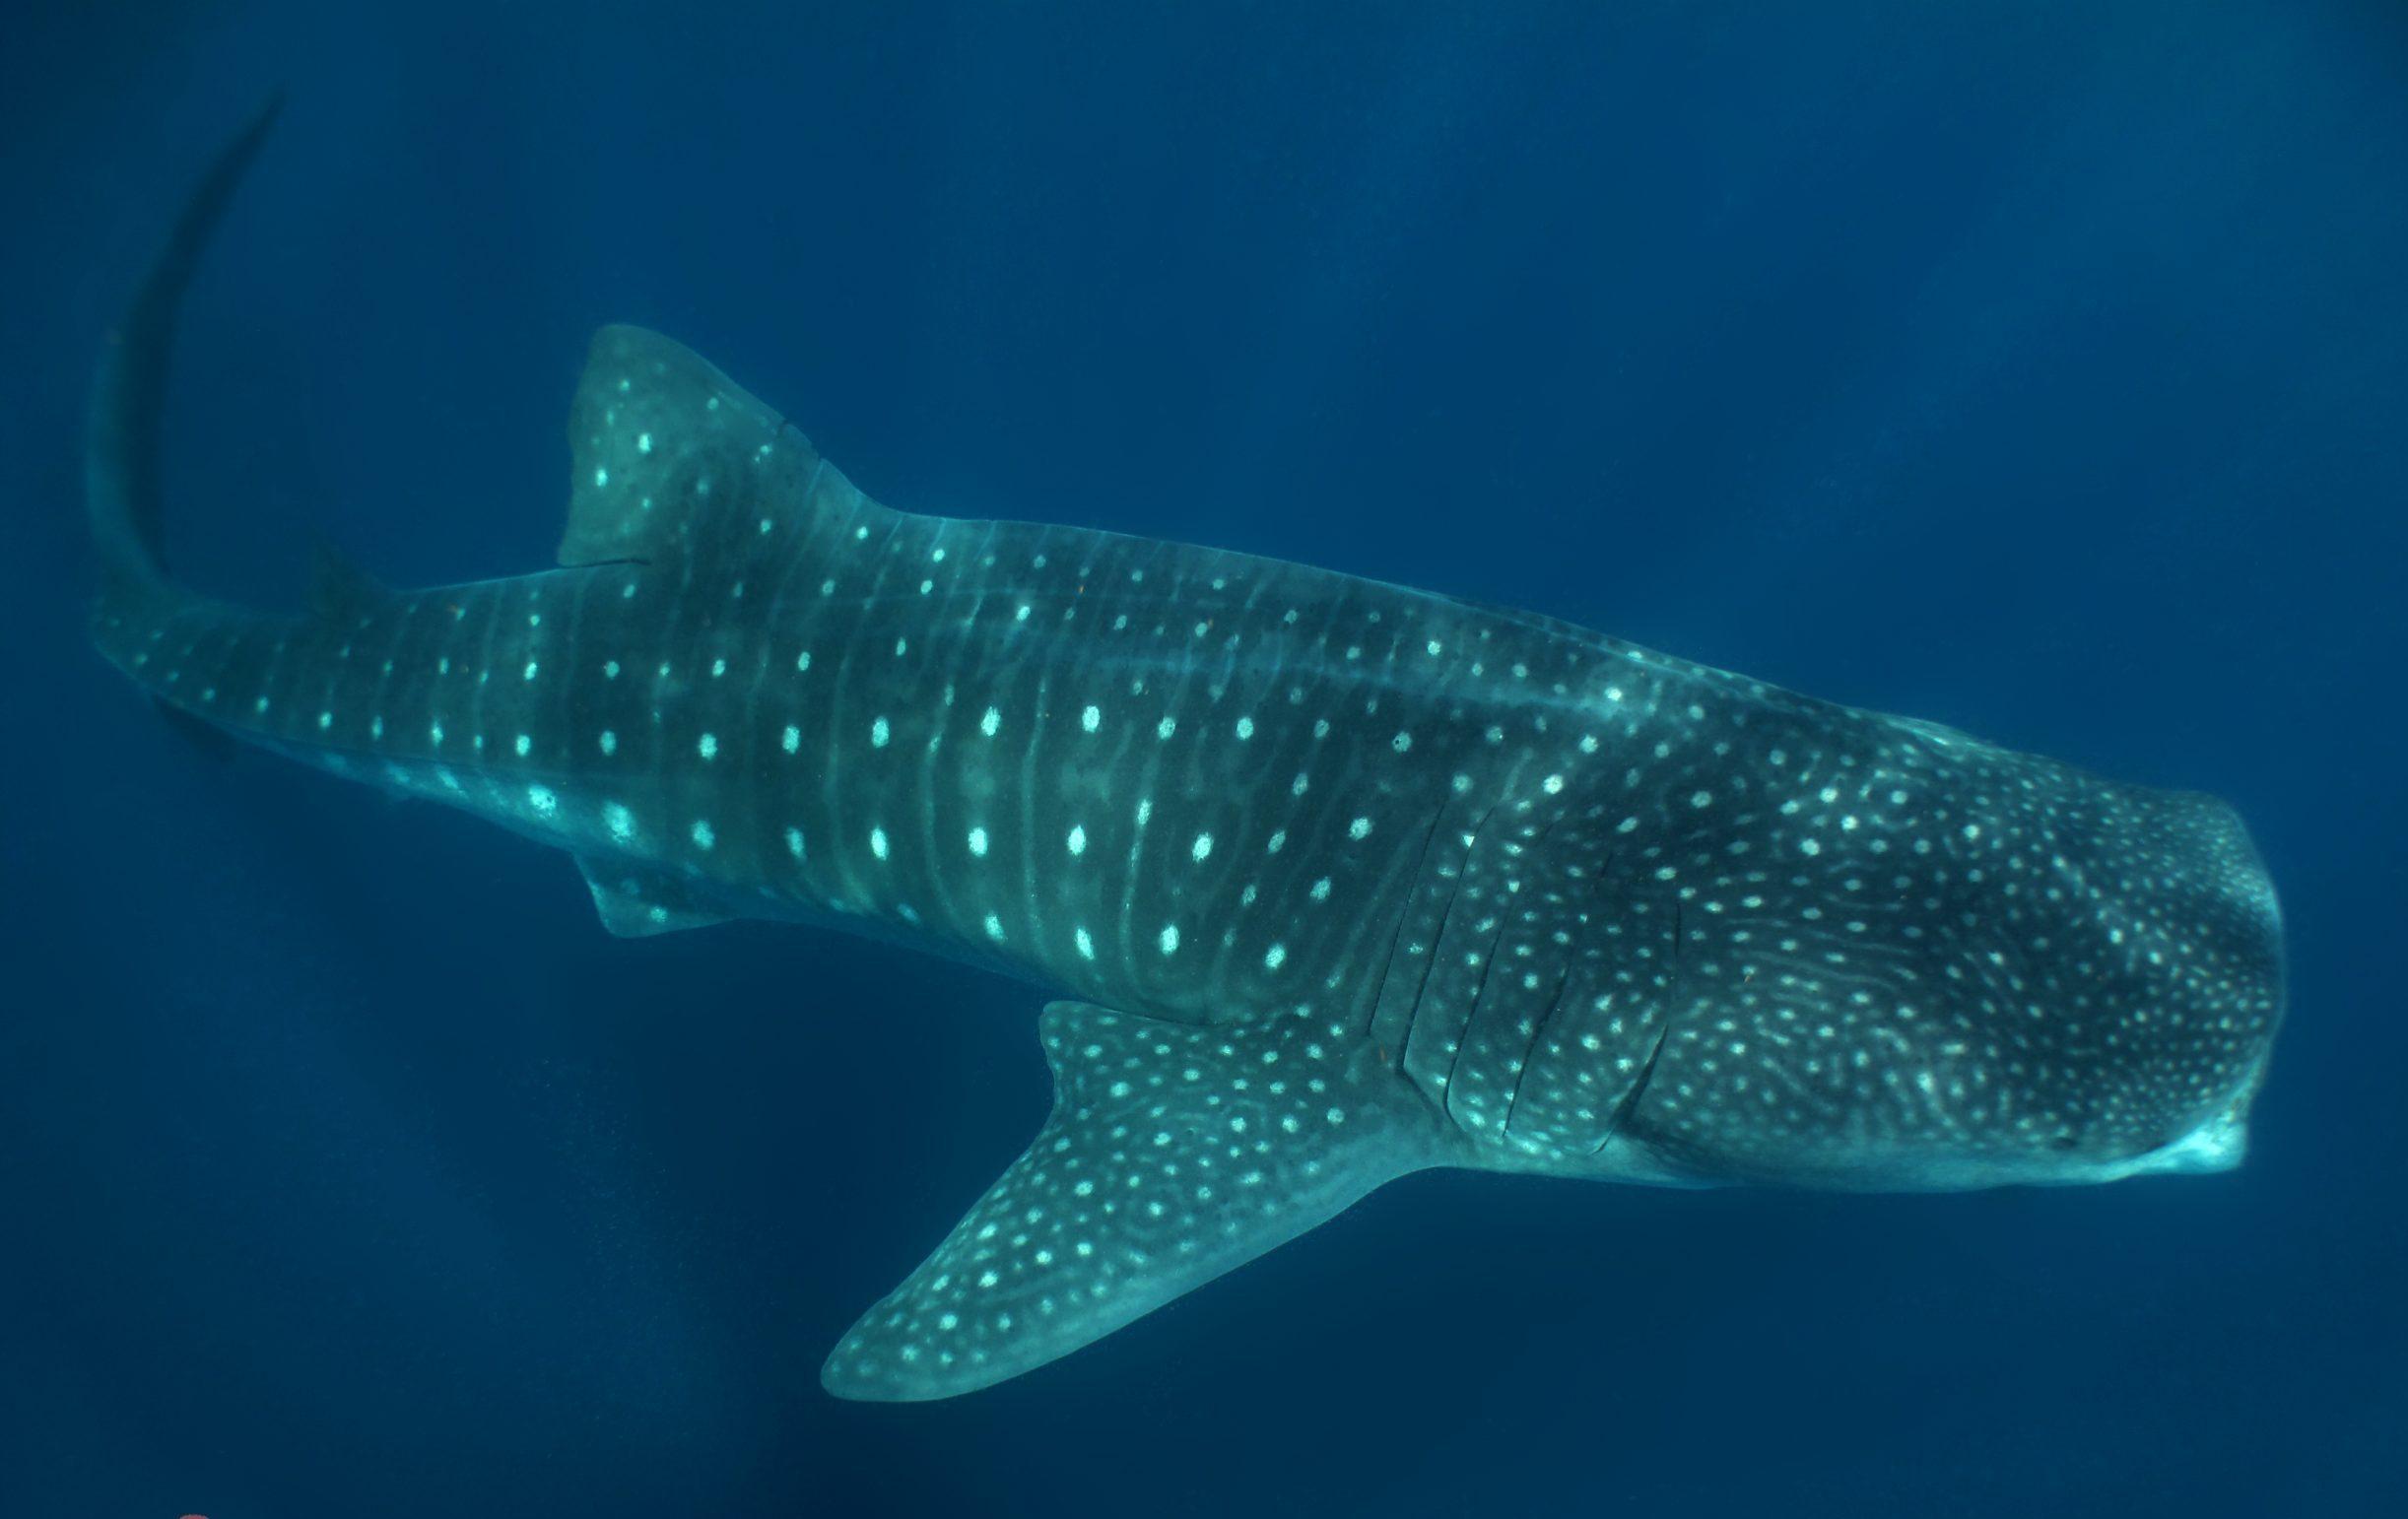 whale-shark-full-body